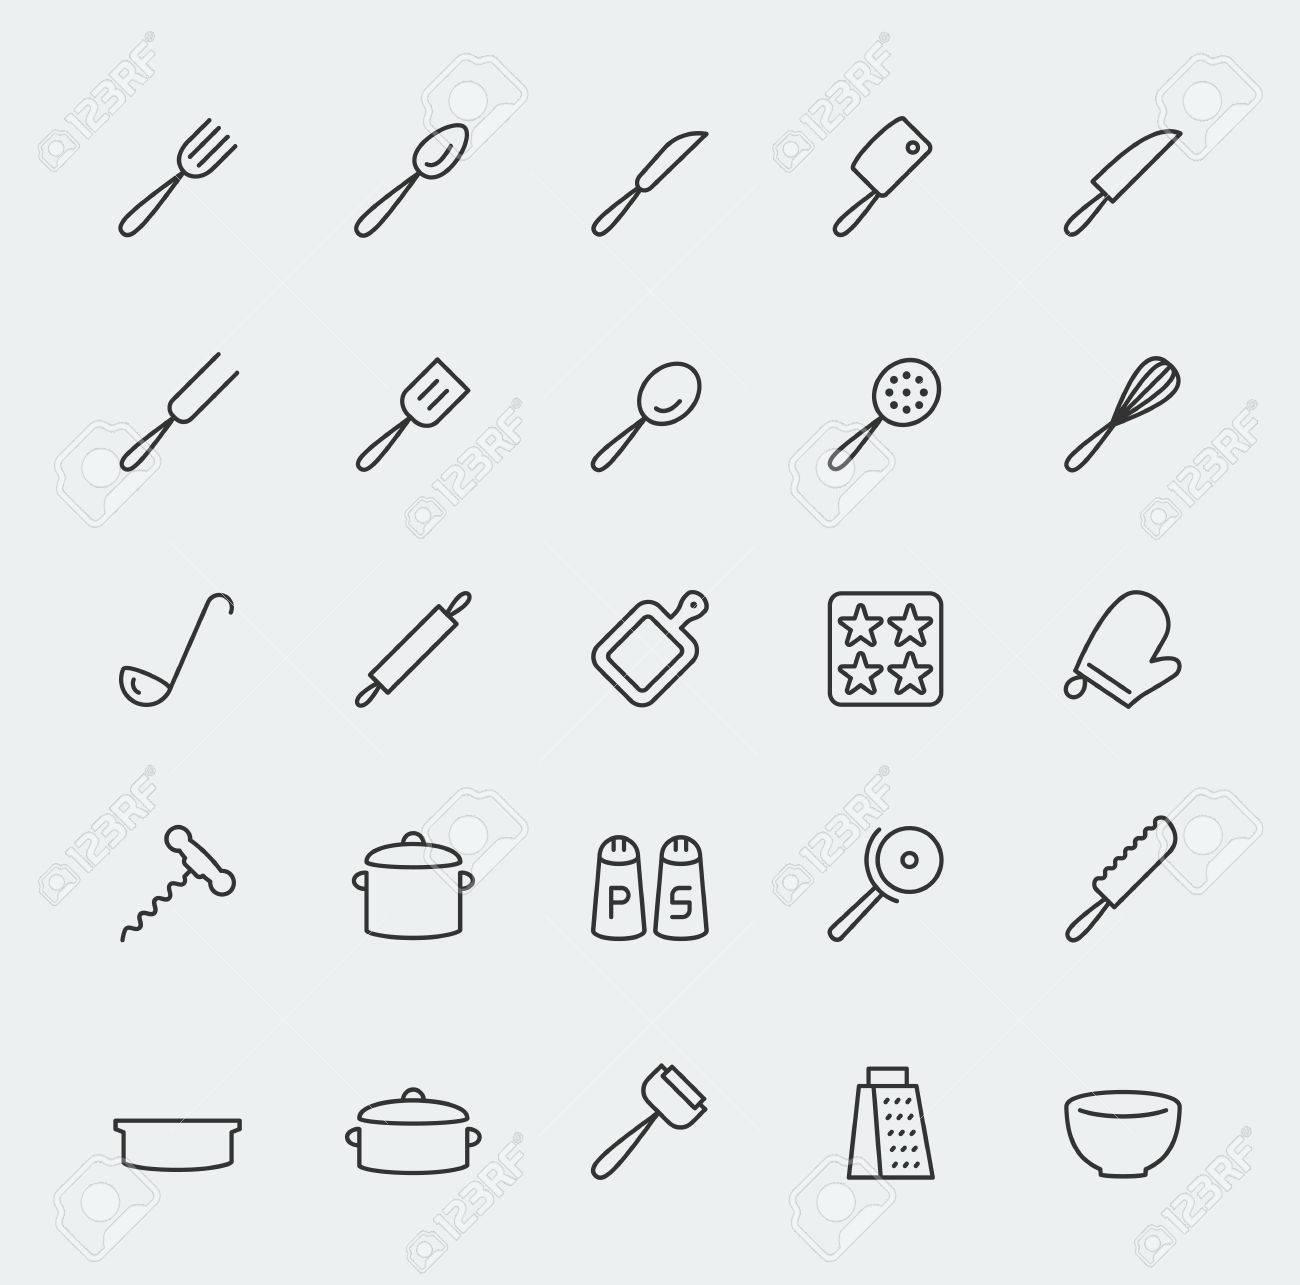 Kitchen Utensils Vector Icons Set Line Style Lizenzfrei Nutzbare